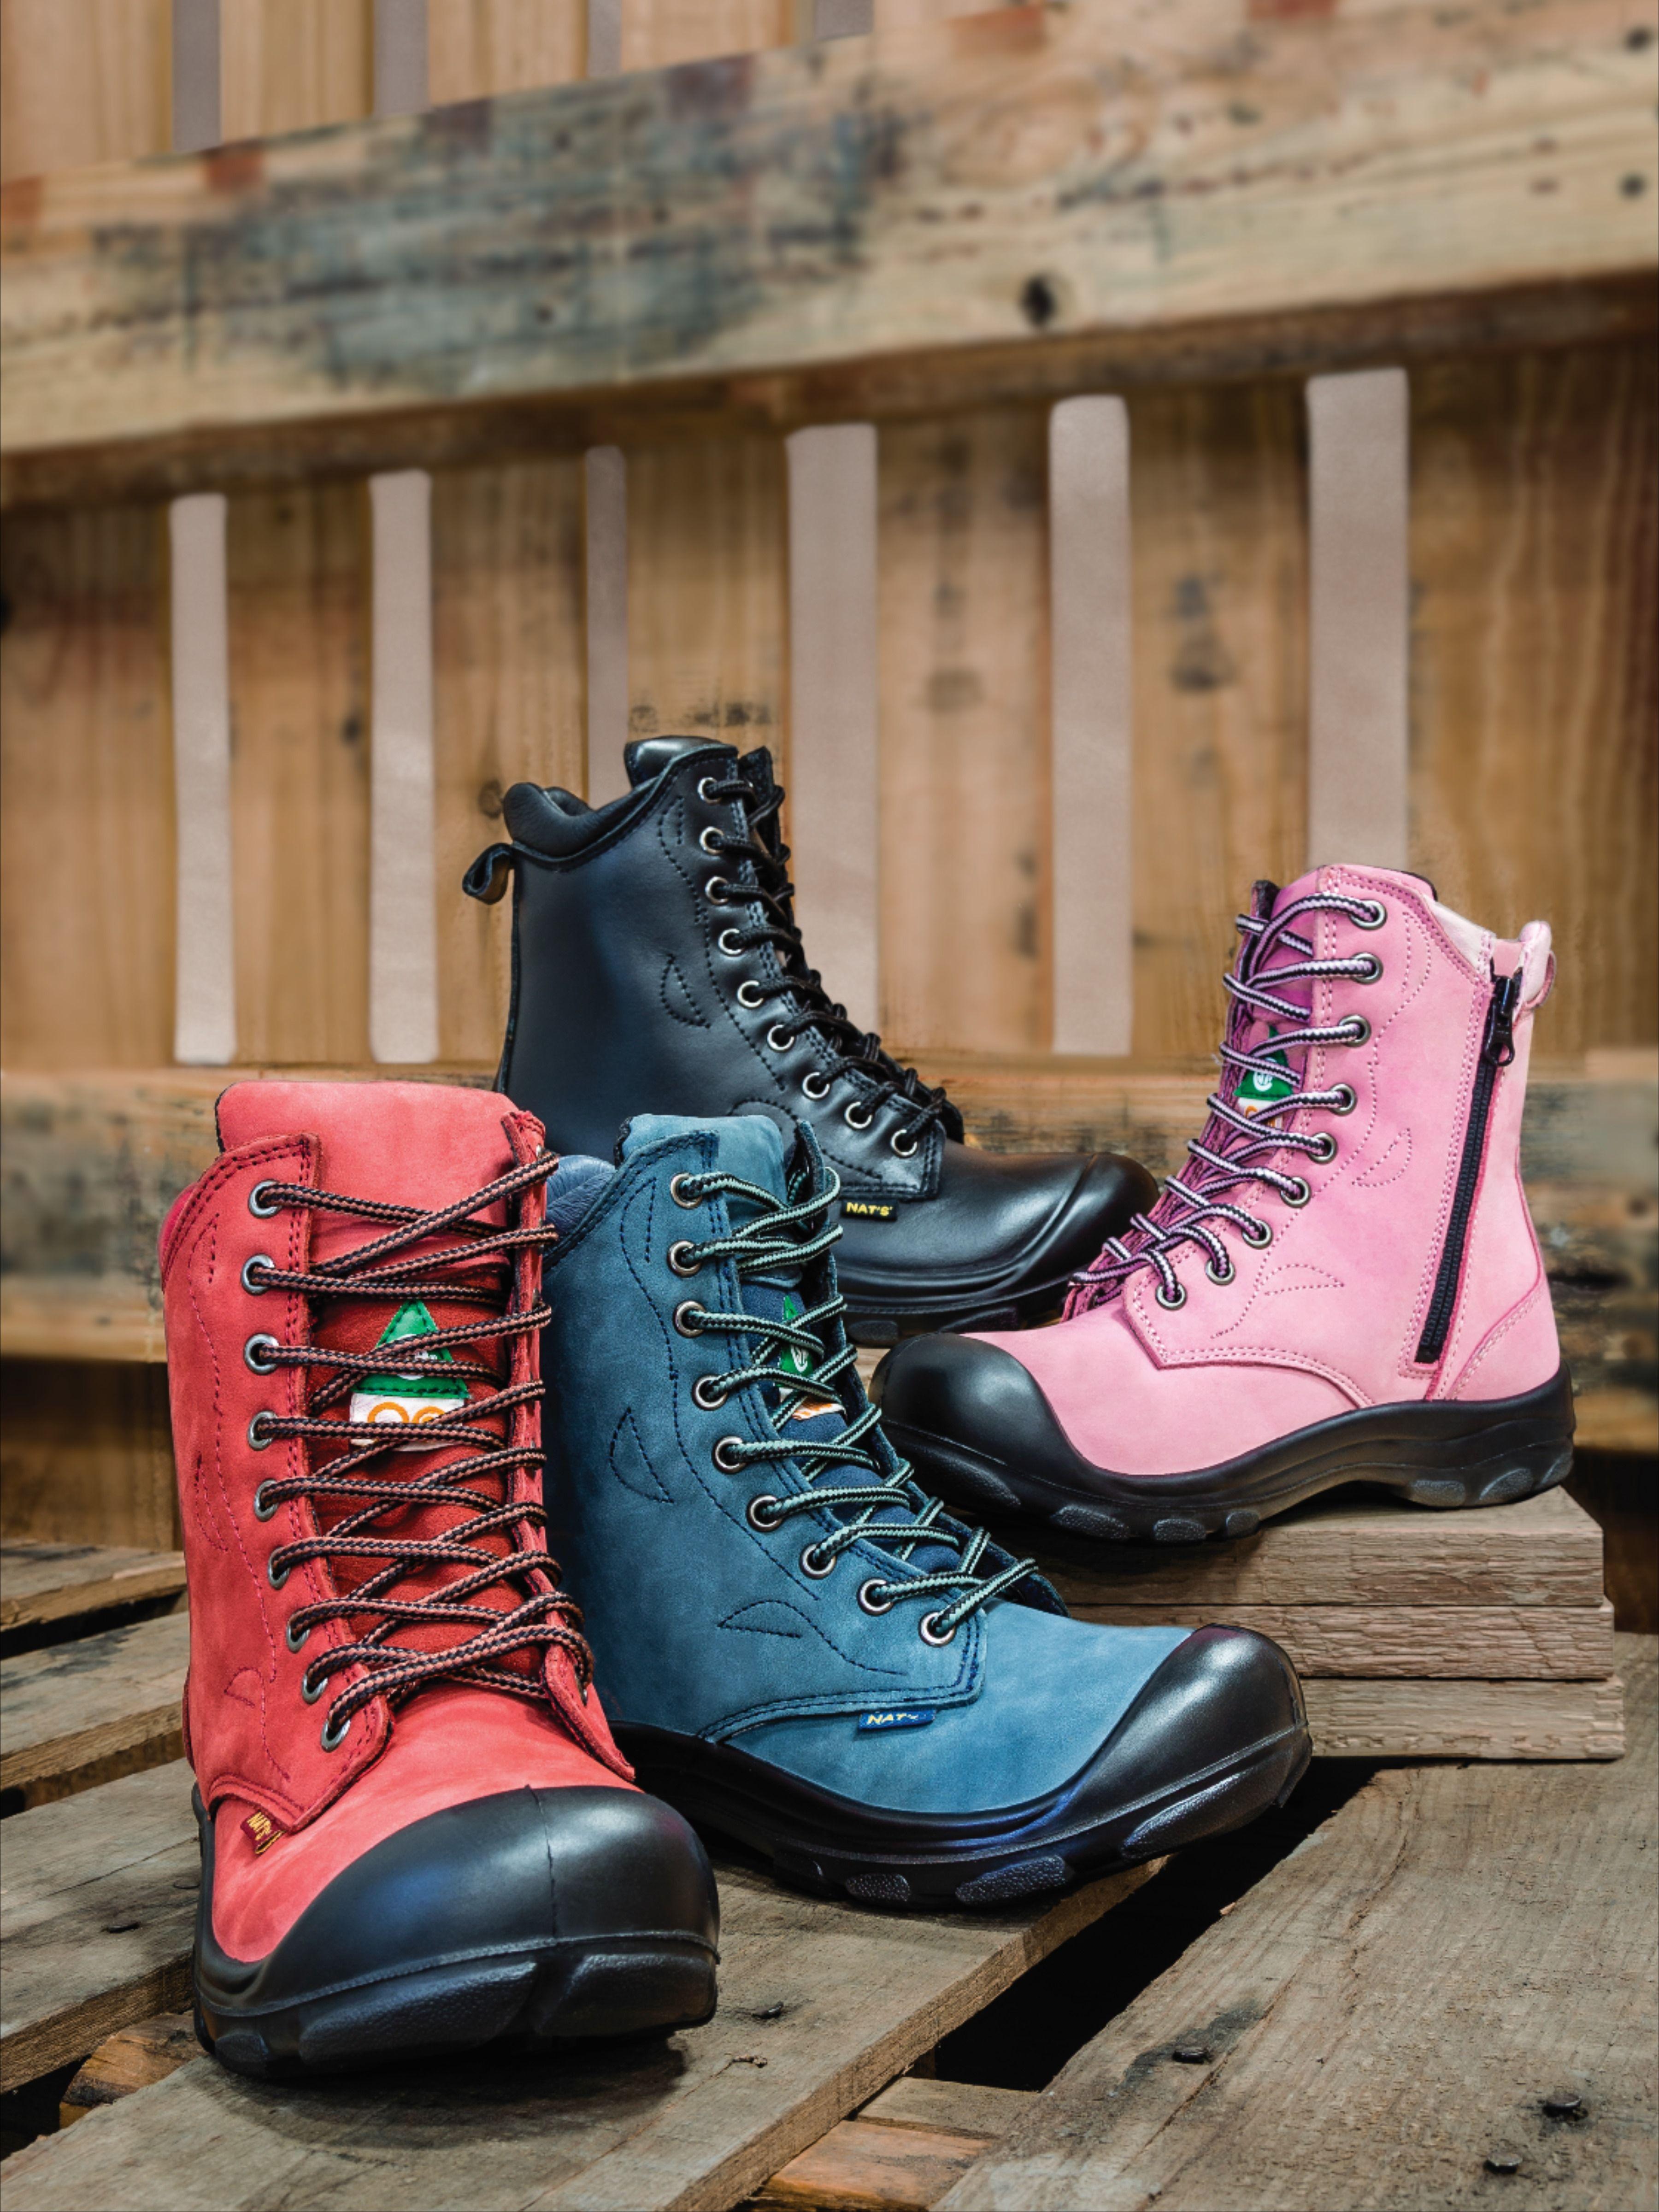 Pin on Women's safety footwear